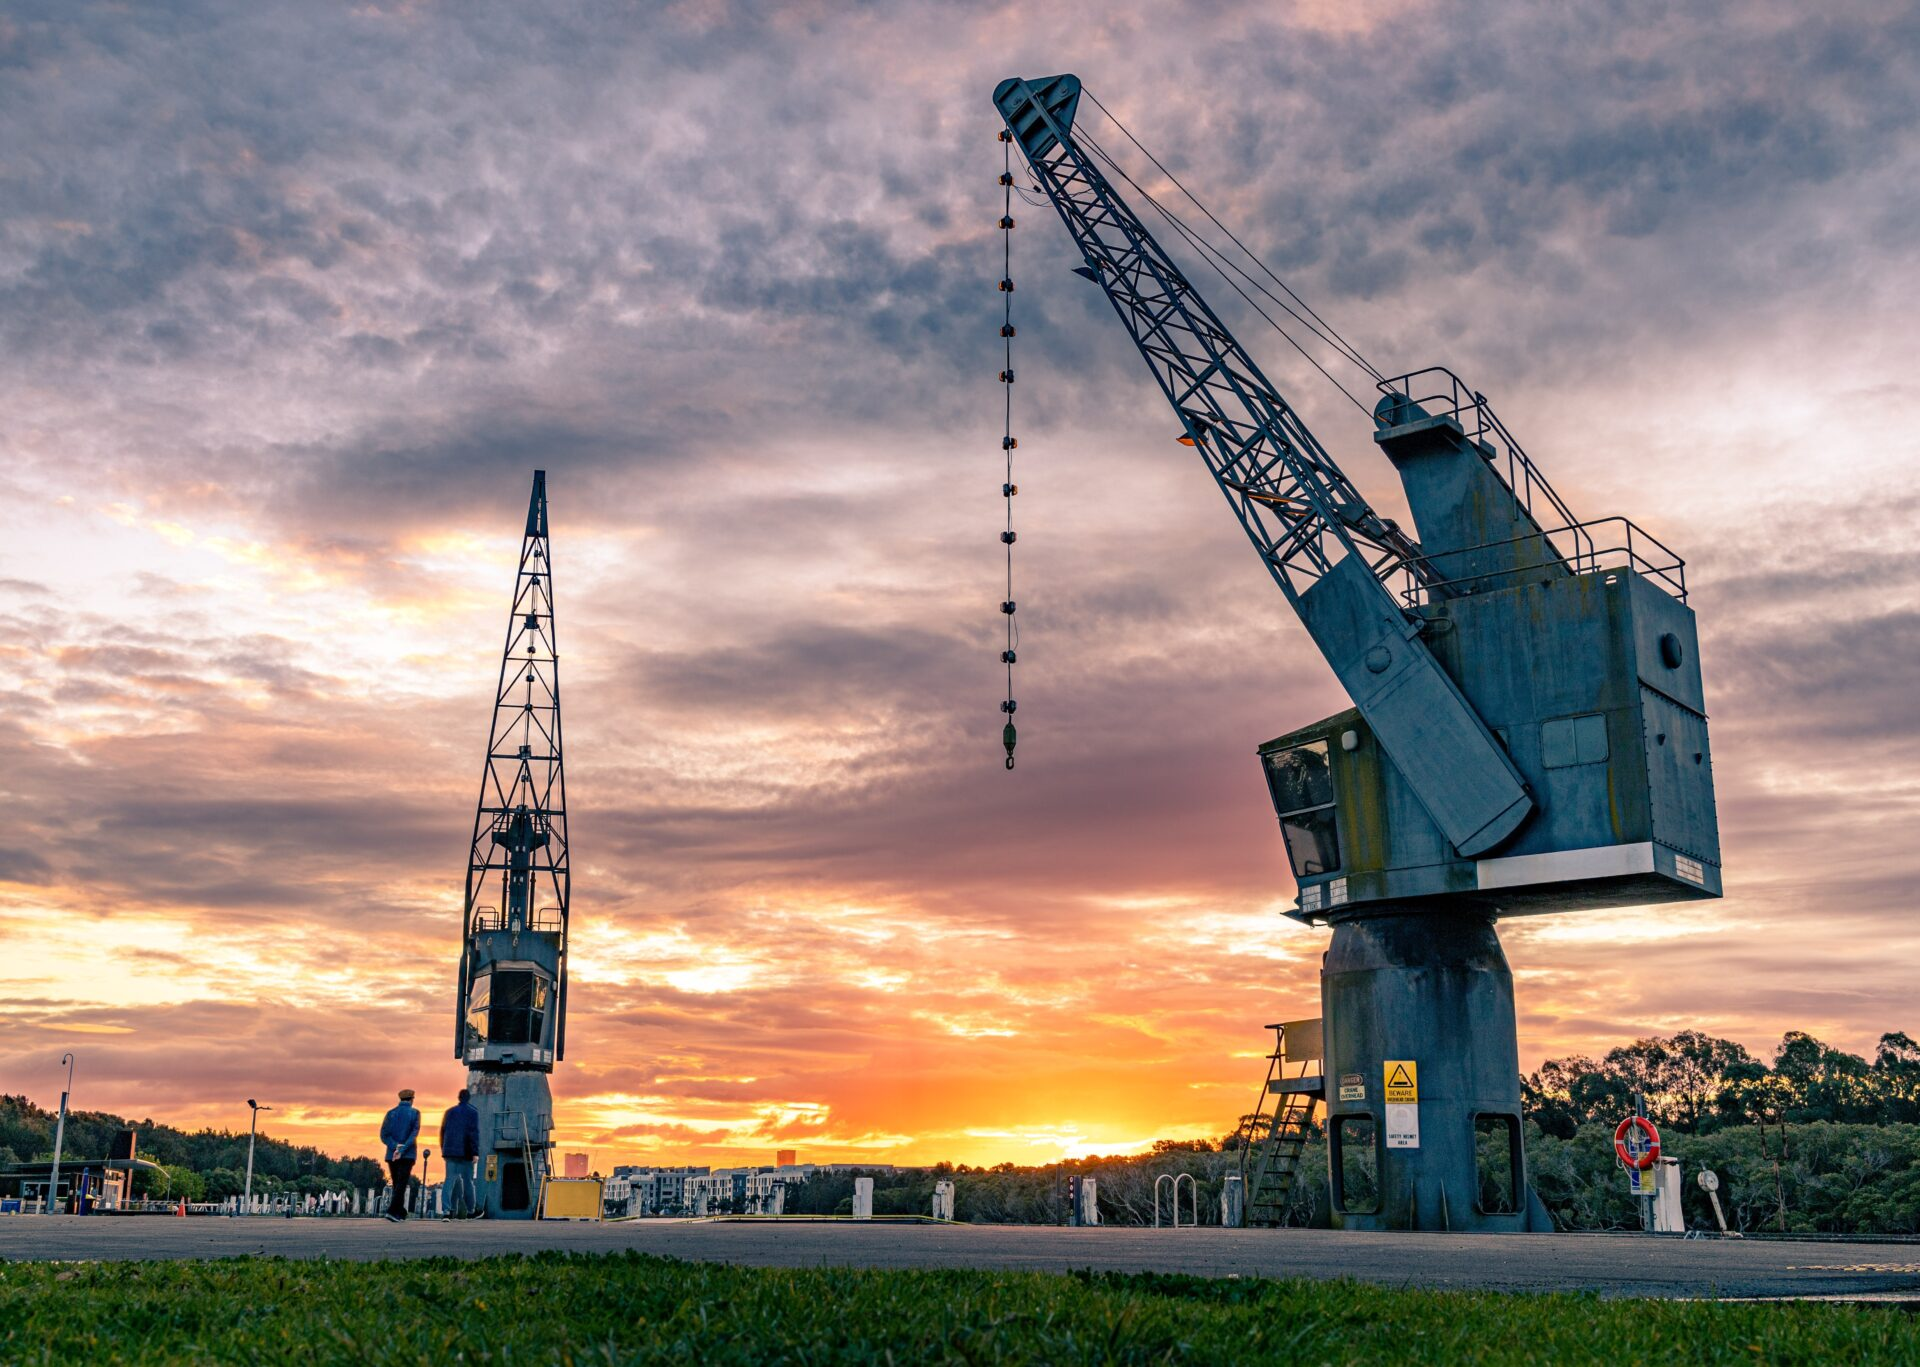 W|EPC: Golden Pass LNG – Q121 Update (XOM, QP)